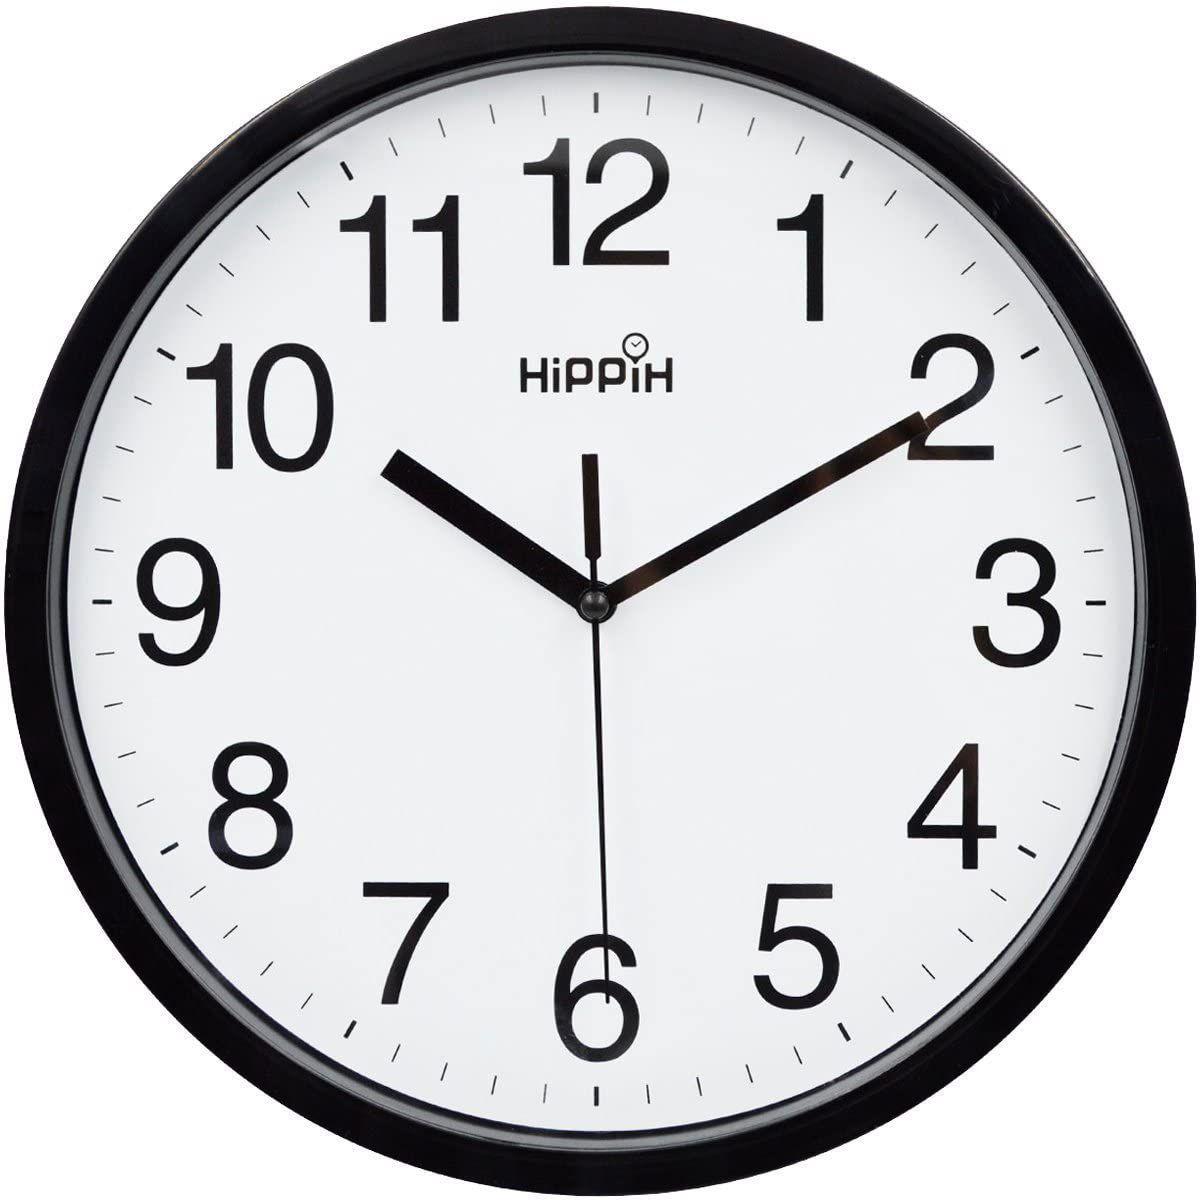 Yoobure Wall Clock